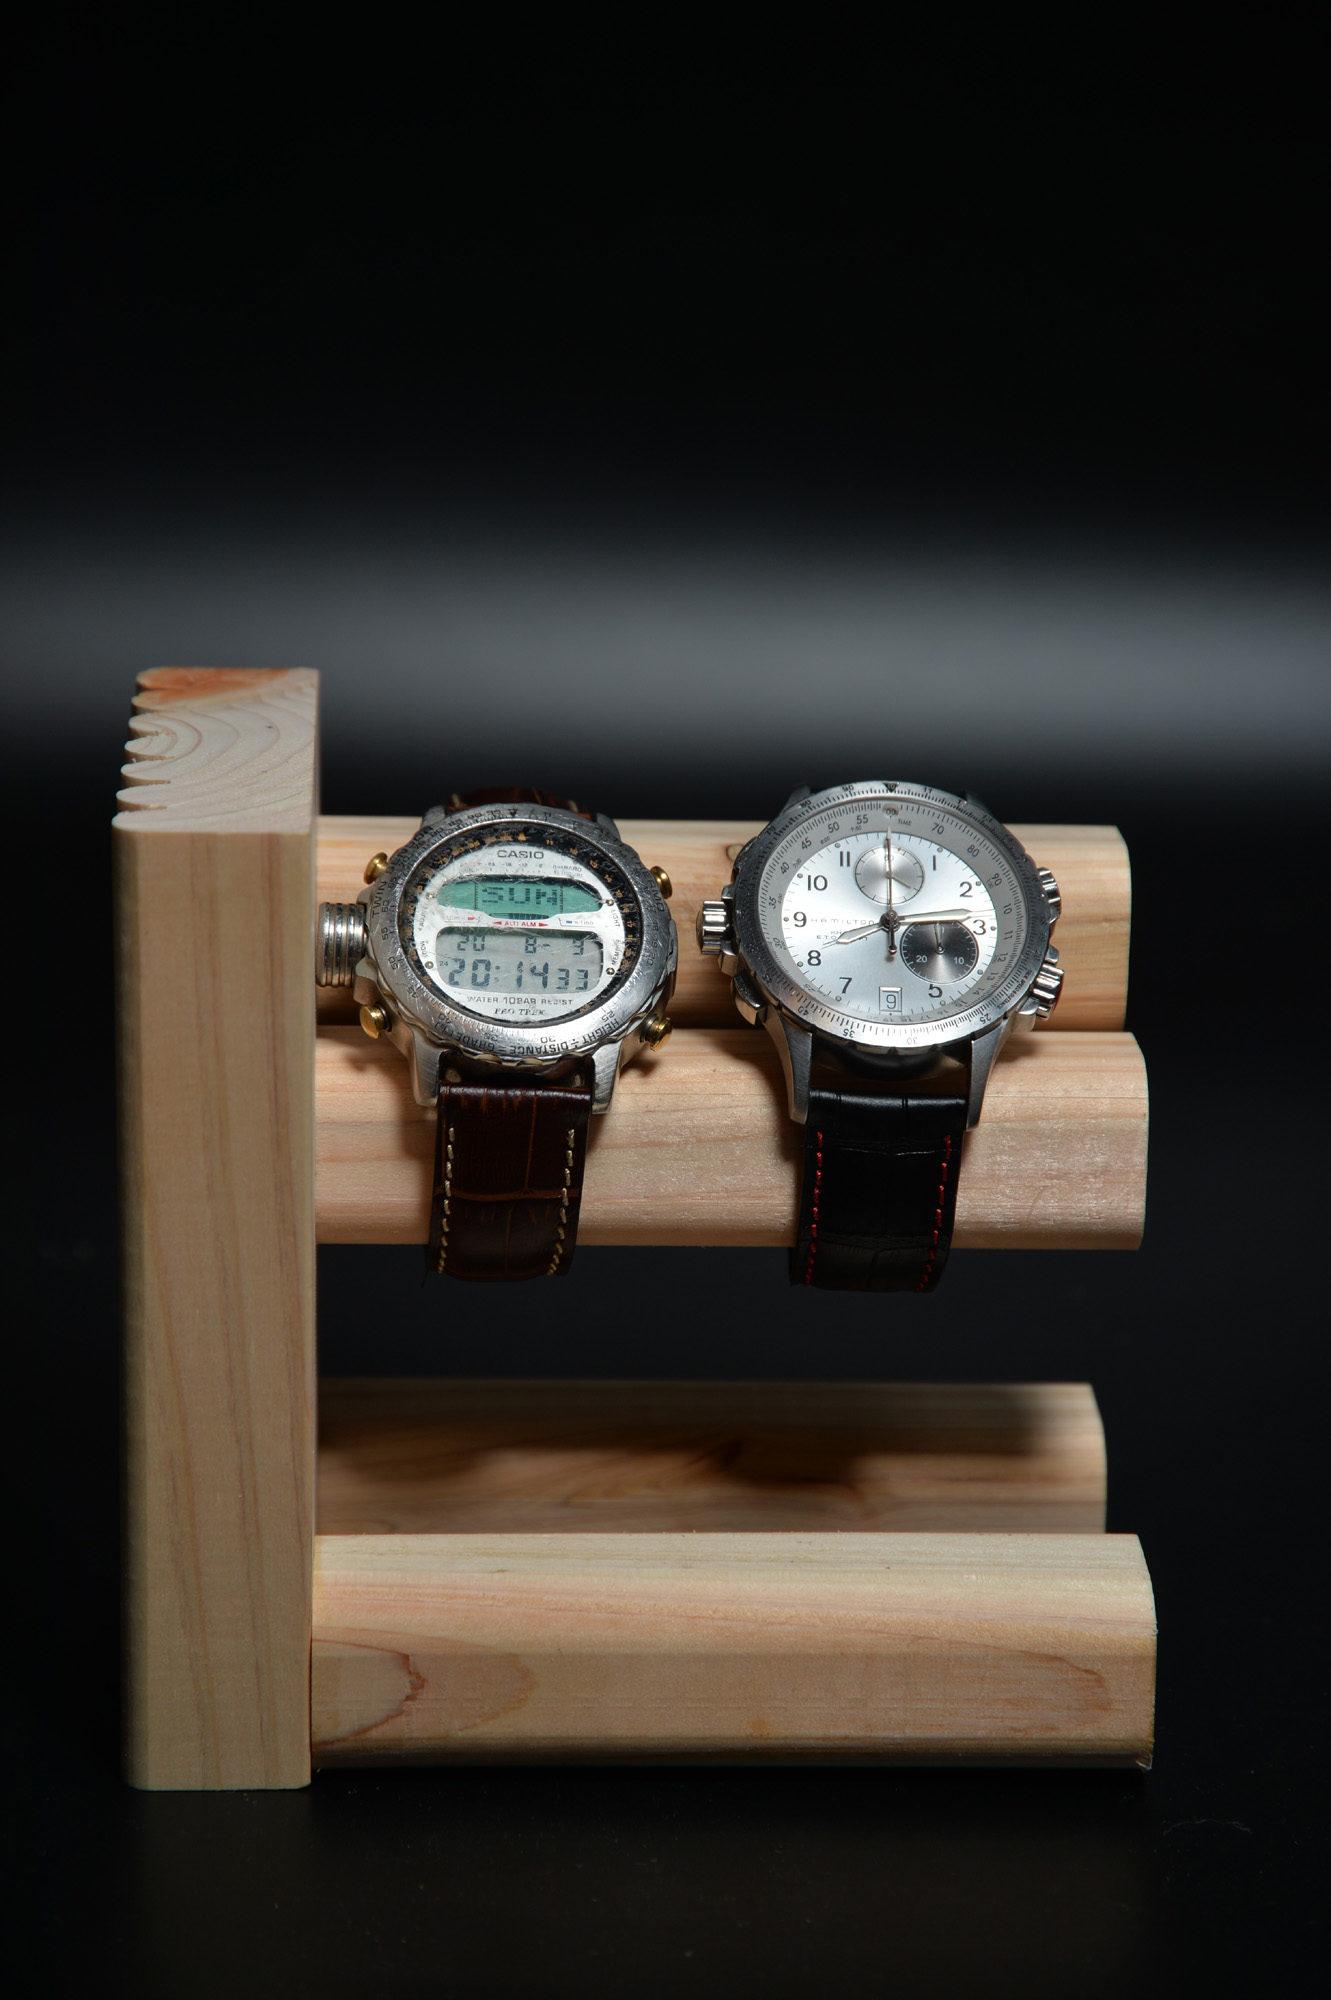 腕時計スタンド自作してみた。 DIY 腕時計スタンド